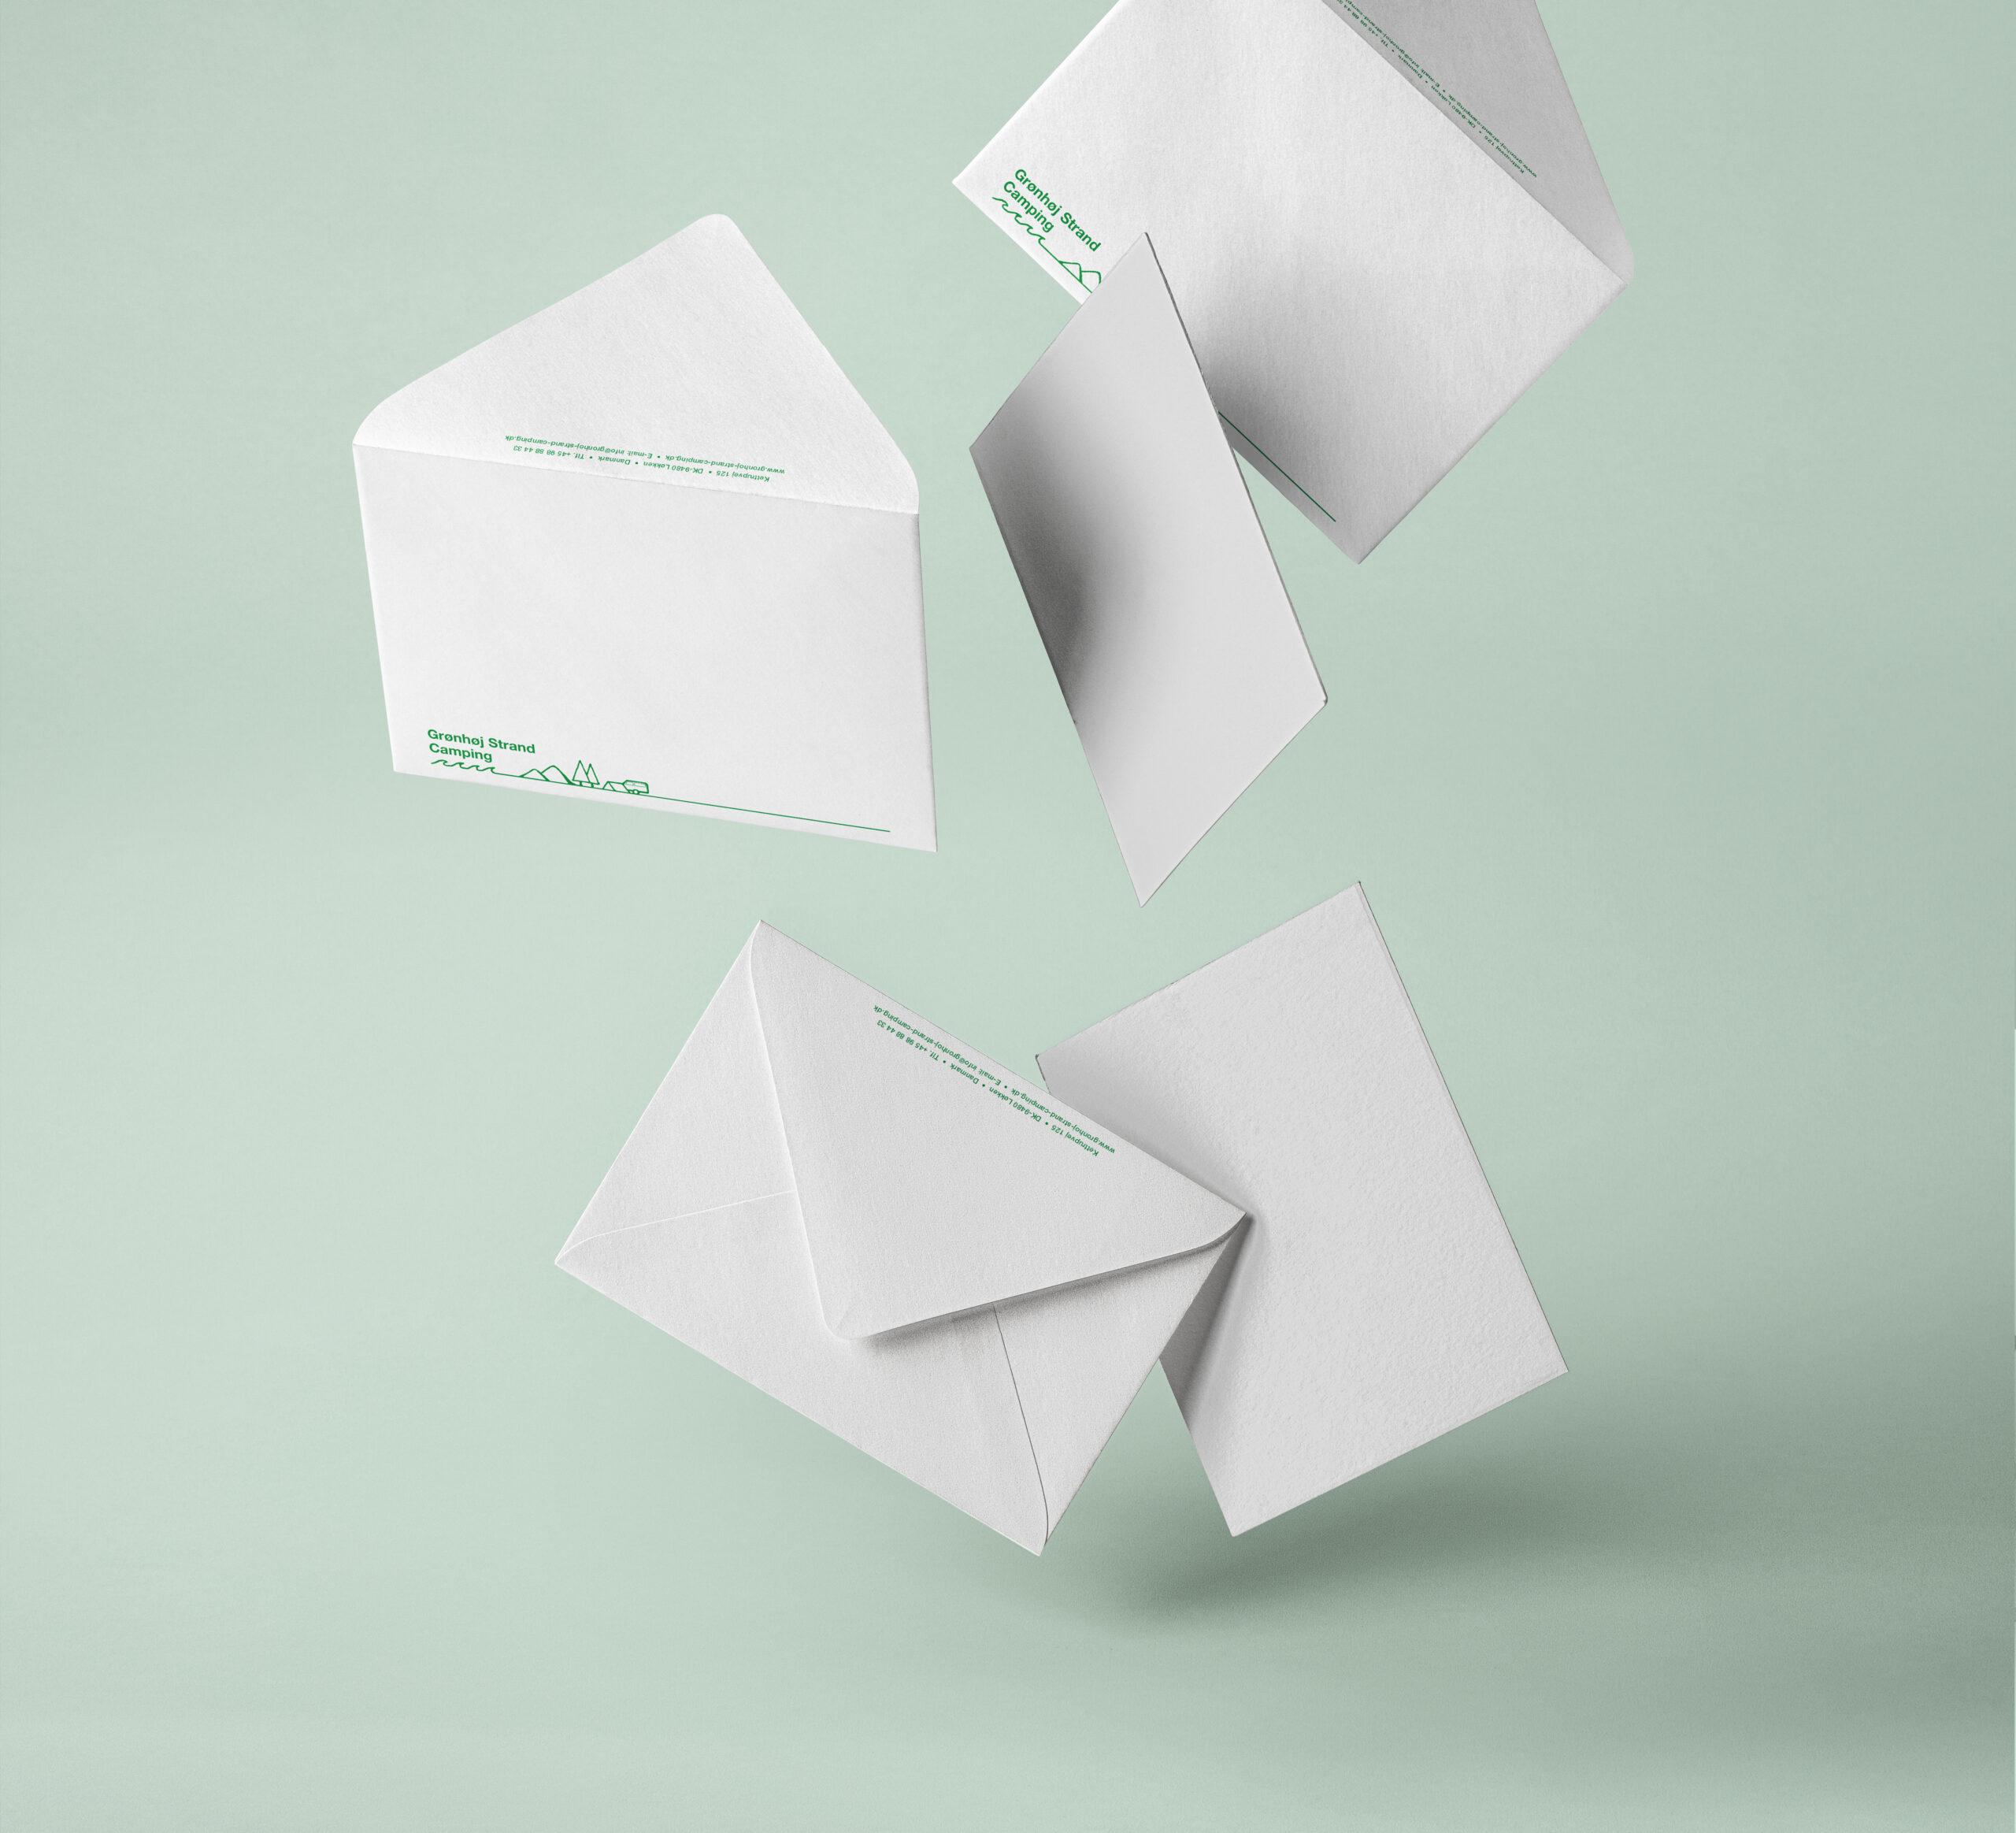 Kuverter-scaled.jpg